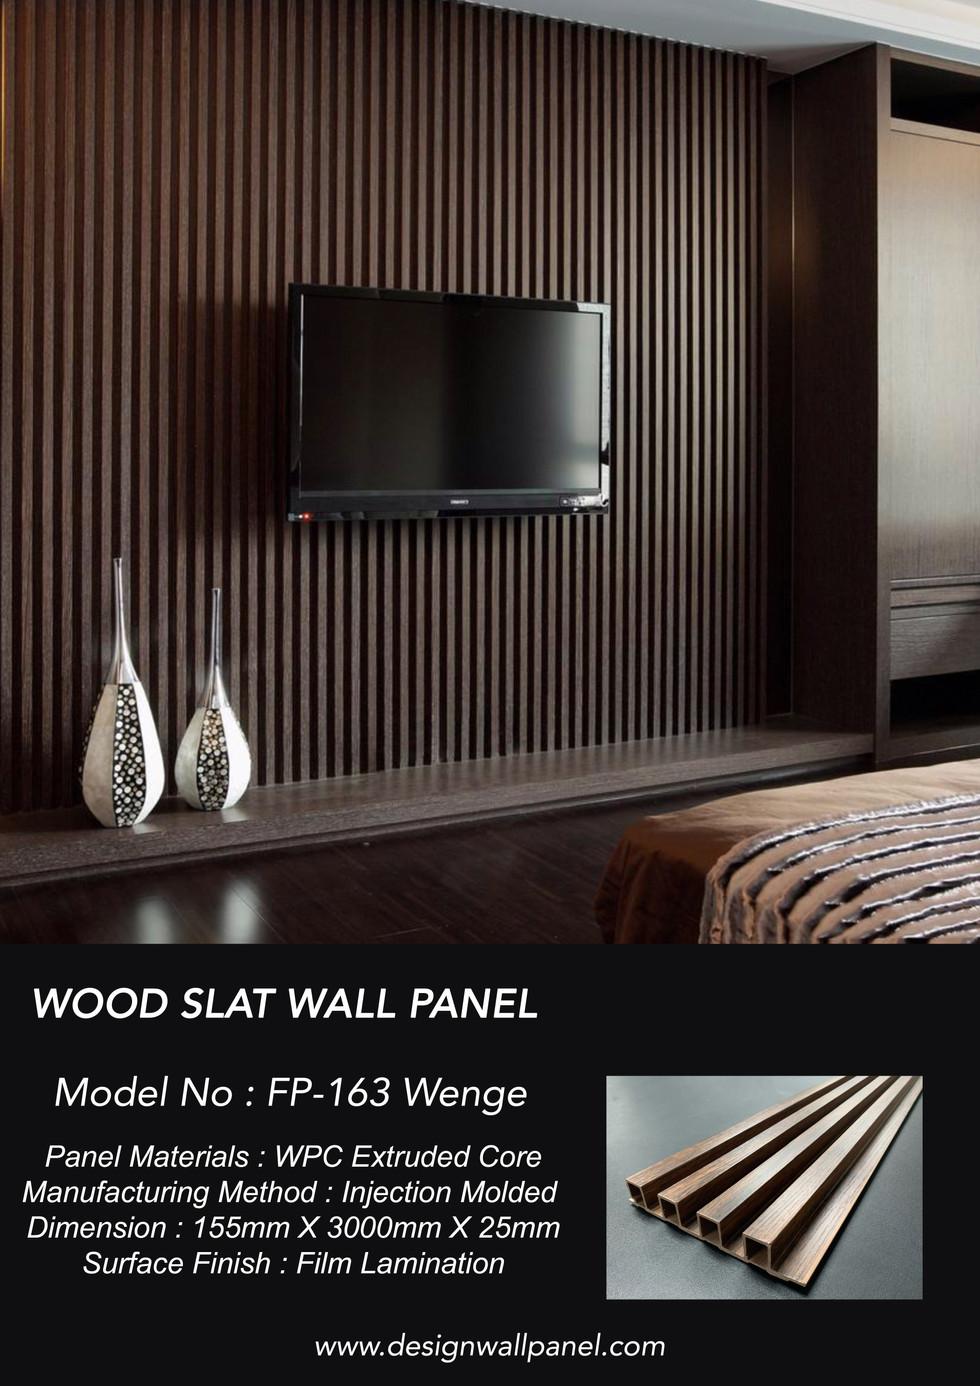 wood slat wall panel FP-163 Wenge .jpg